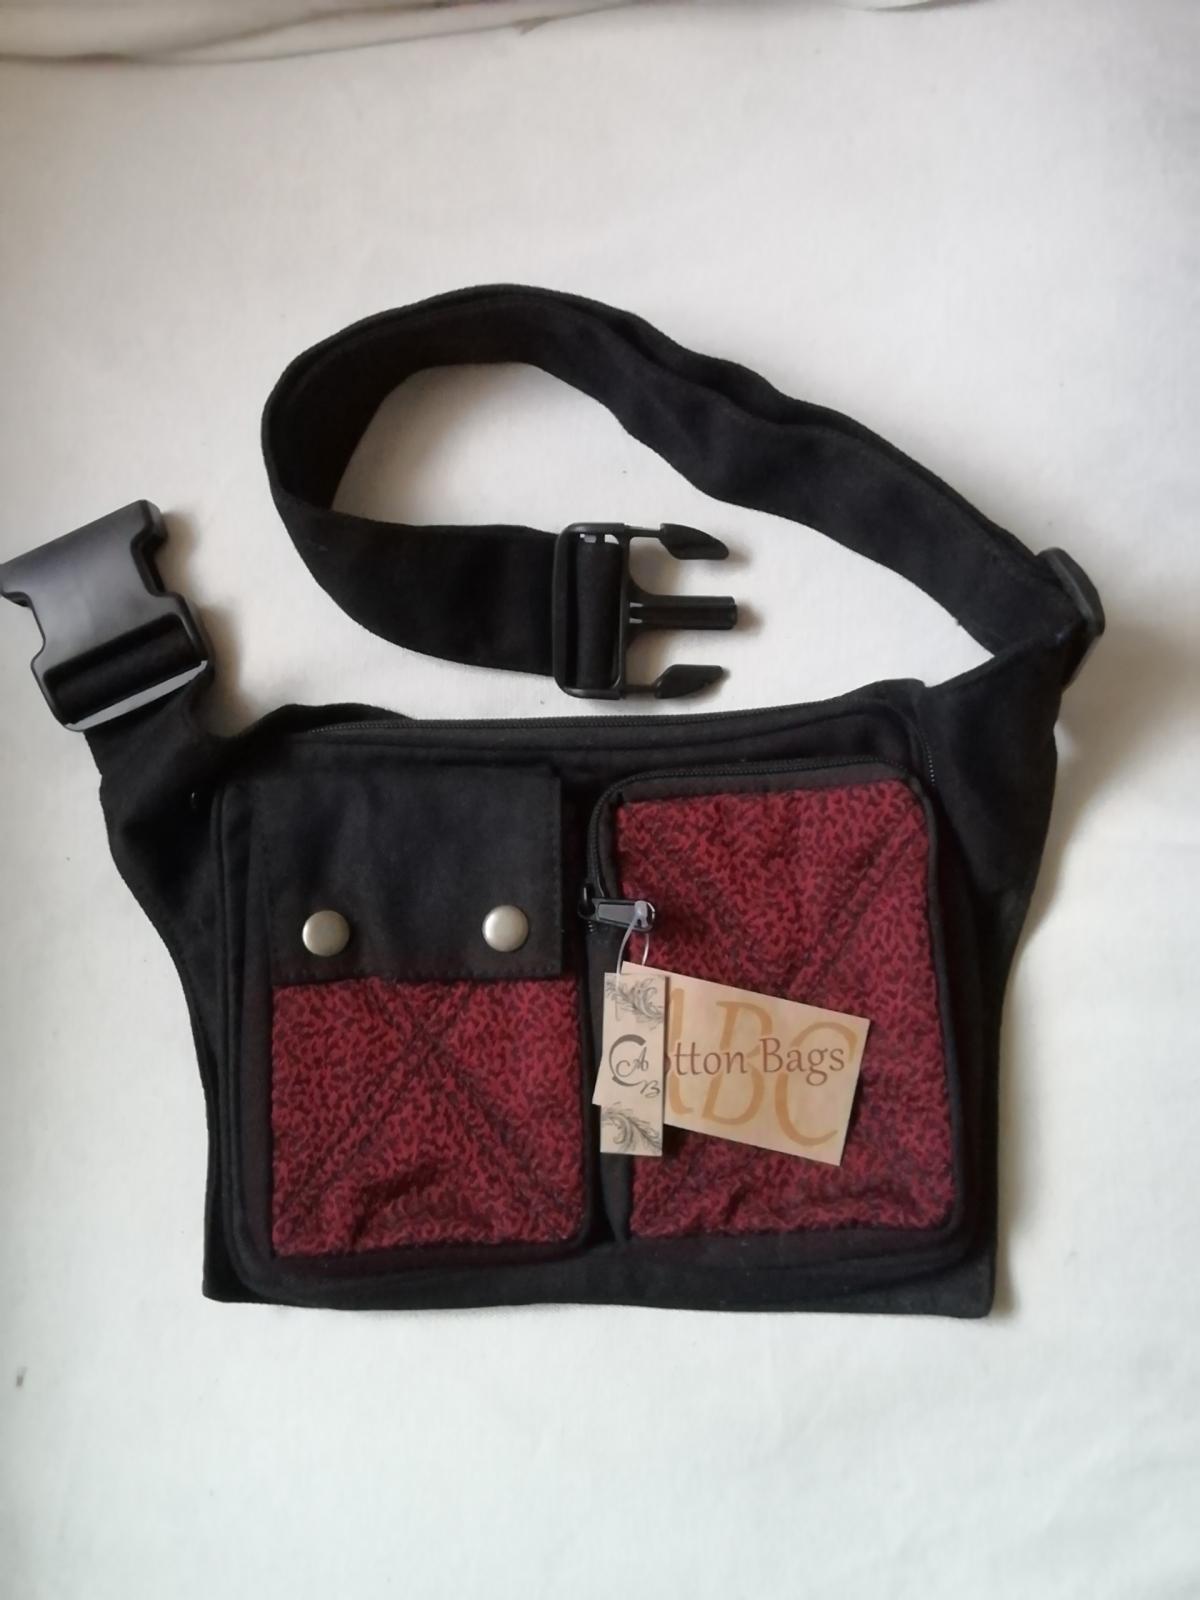 Taschengürtel, Cotton